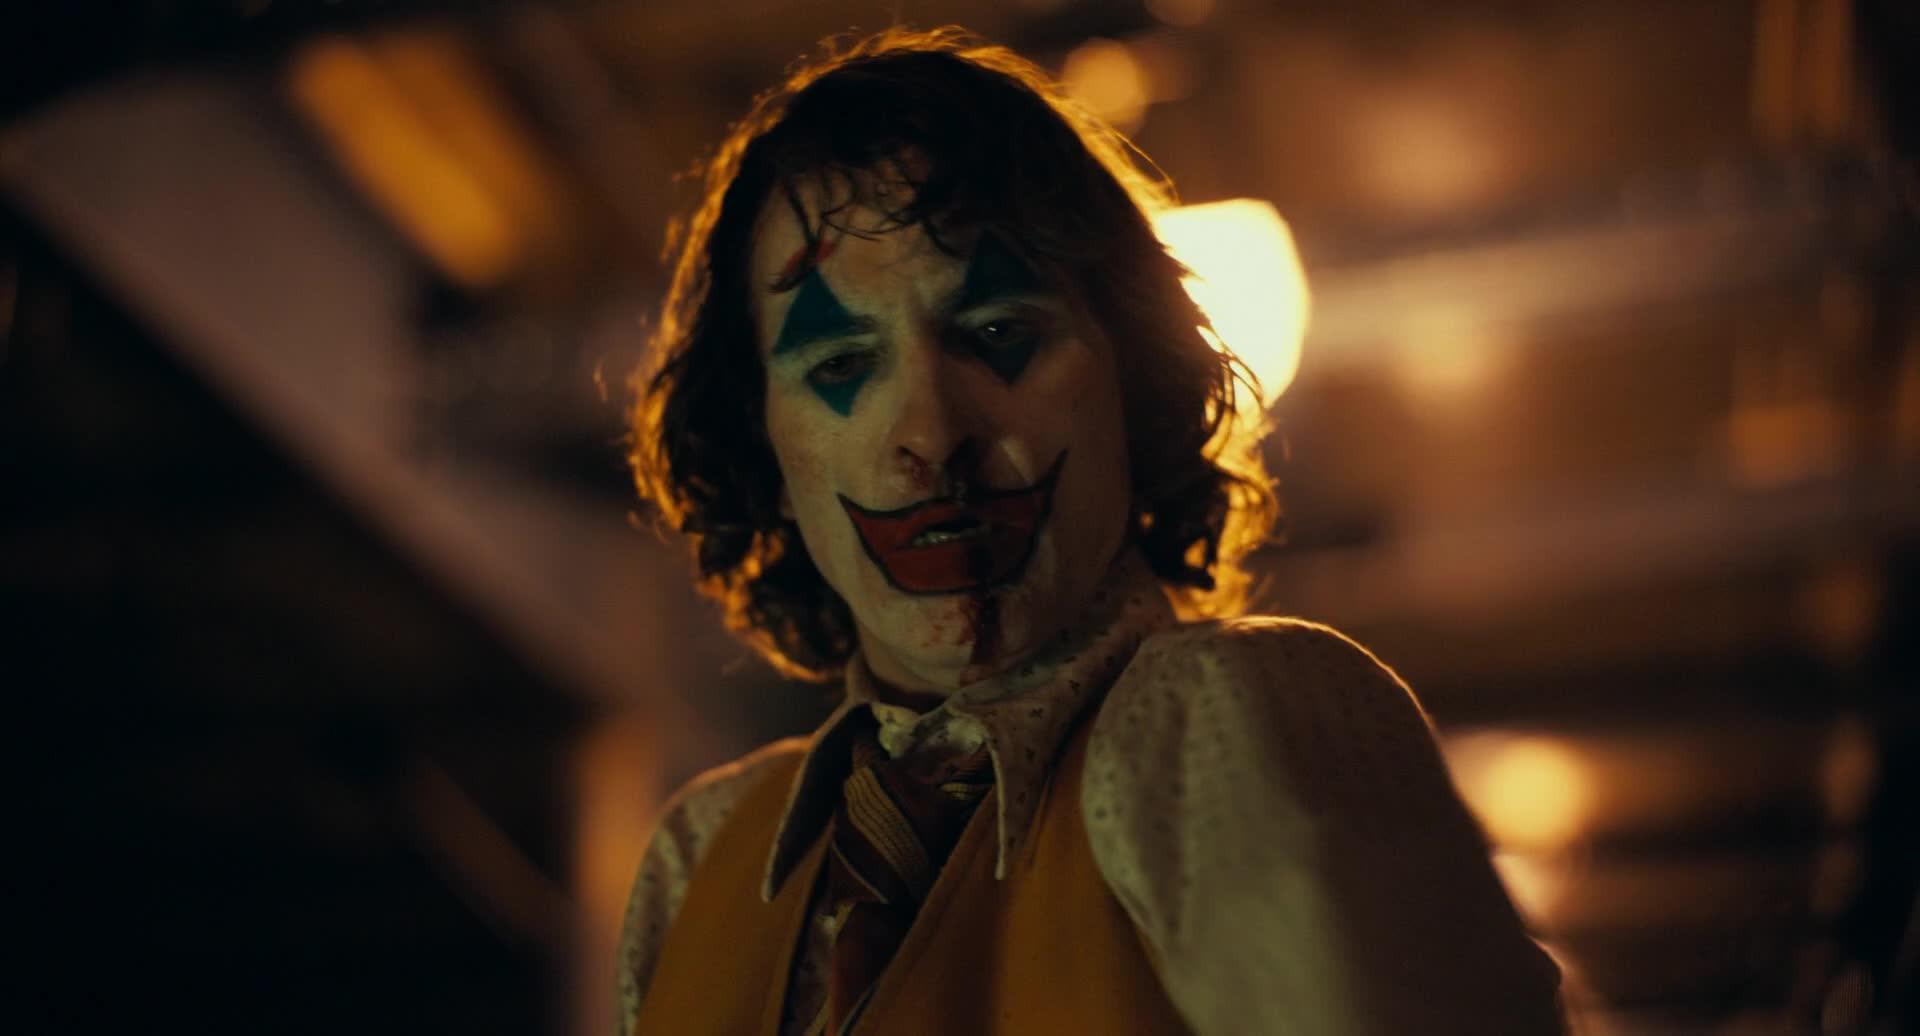 Joker.2019.1080p.WEB-DL تحميل تورنت فيلم 13 arabp2p.com